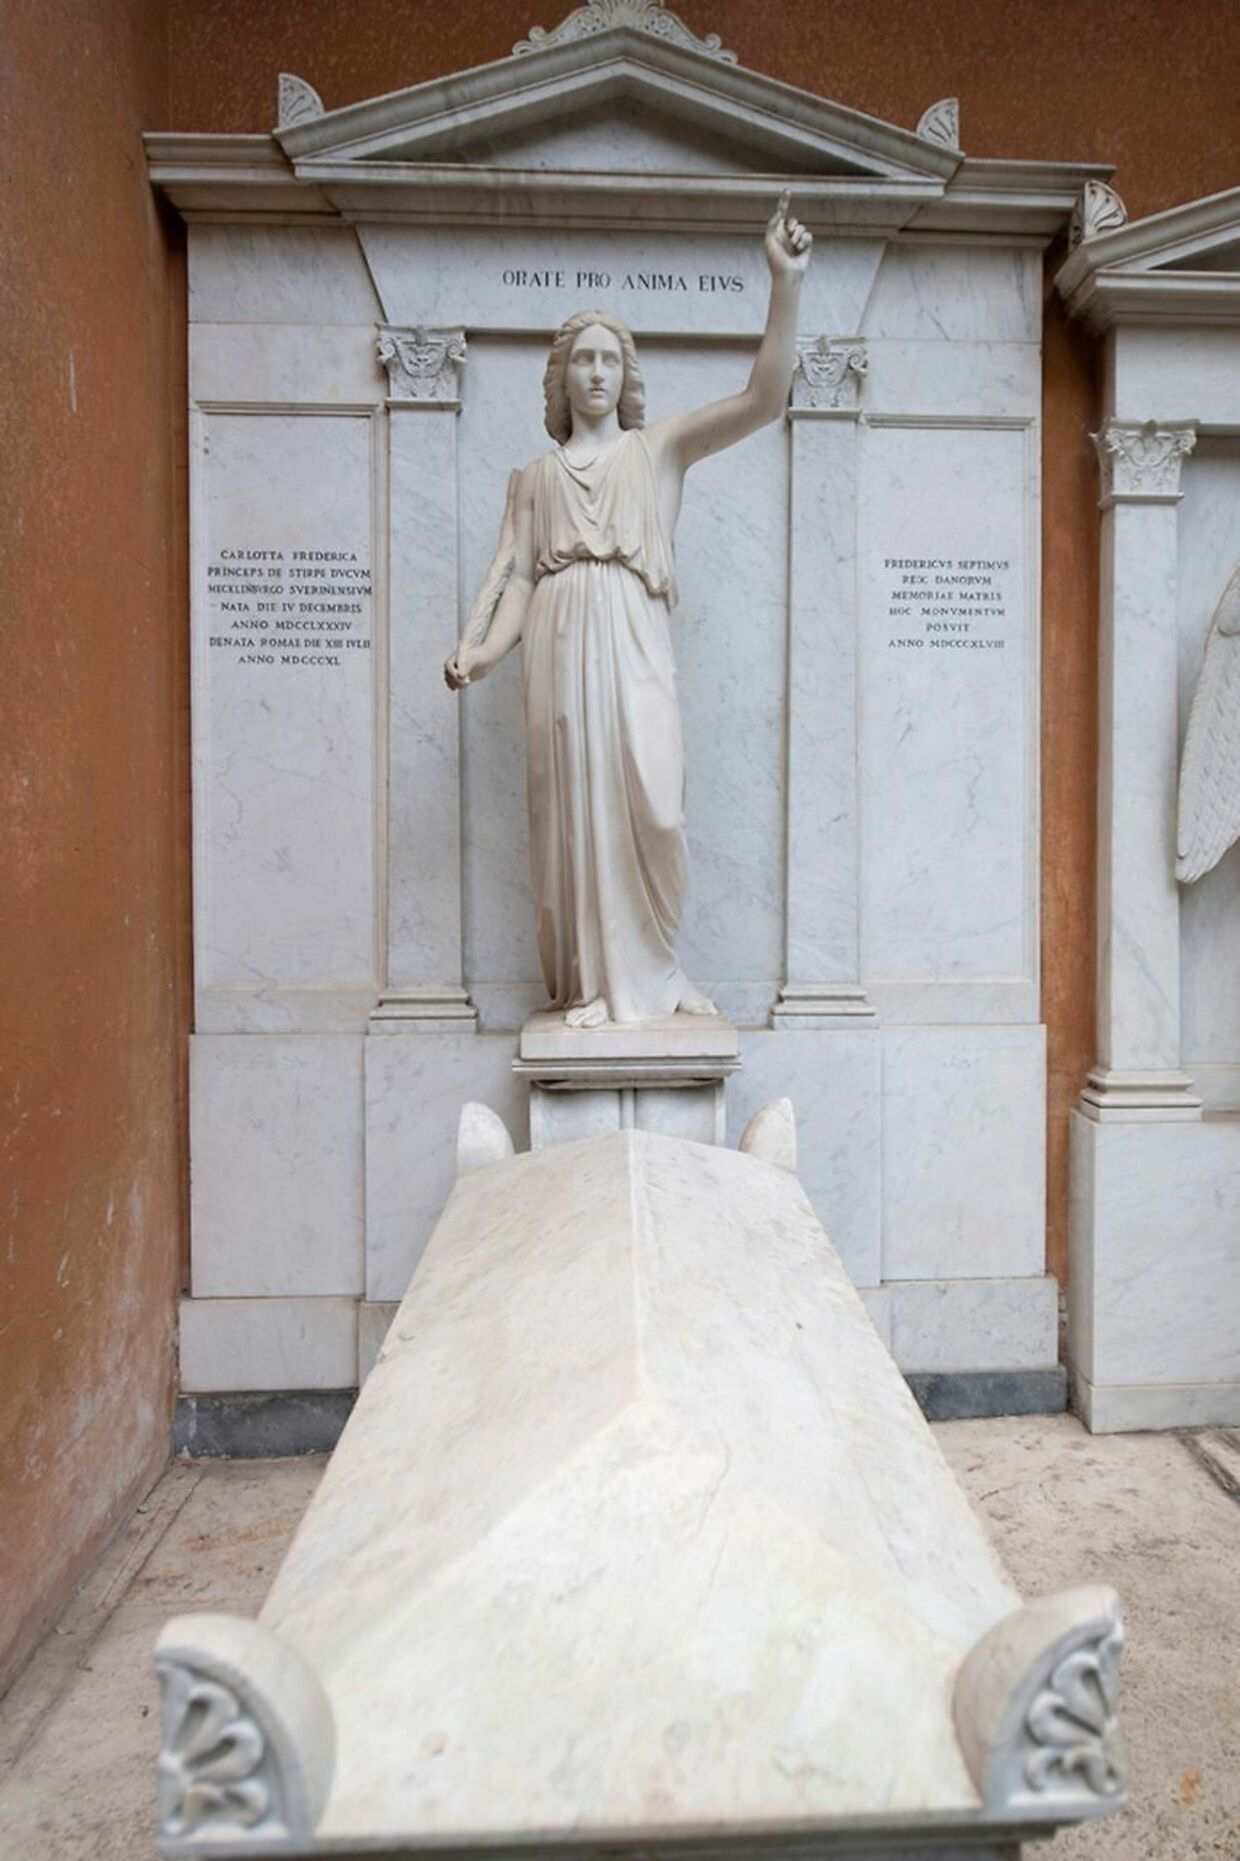 Familien til Emanuela Orlandi havde fået at vide, at de skulle lede efter hende 'under englen'.